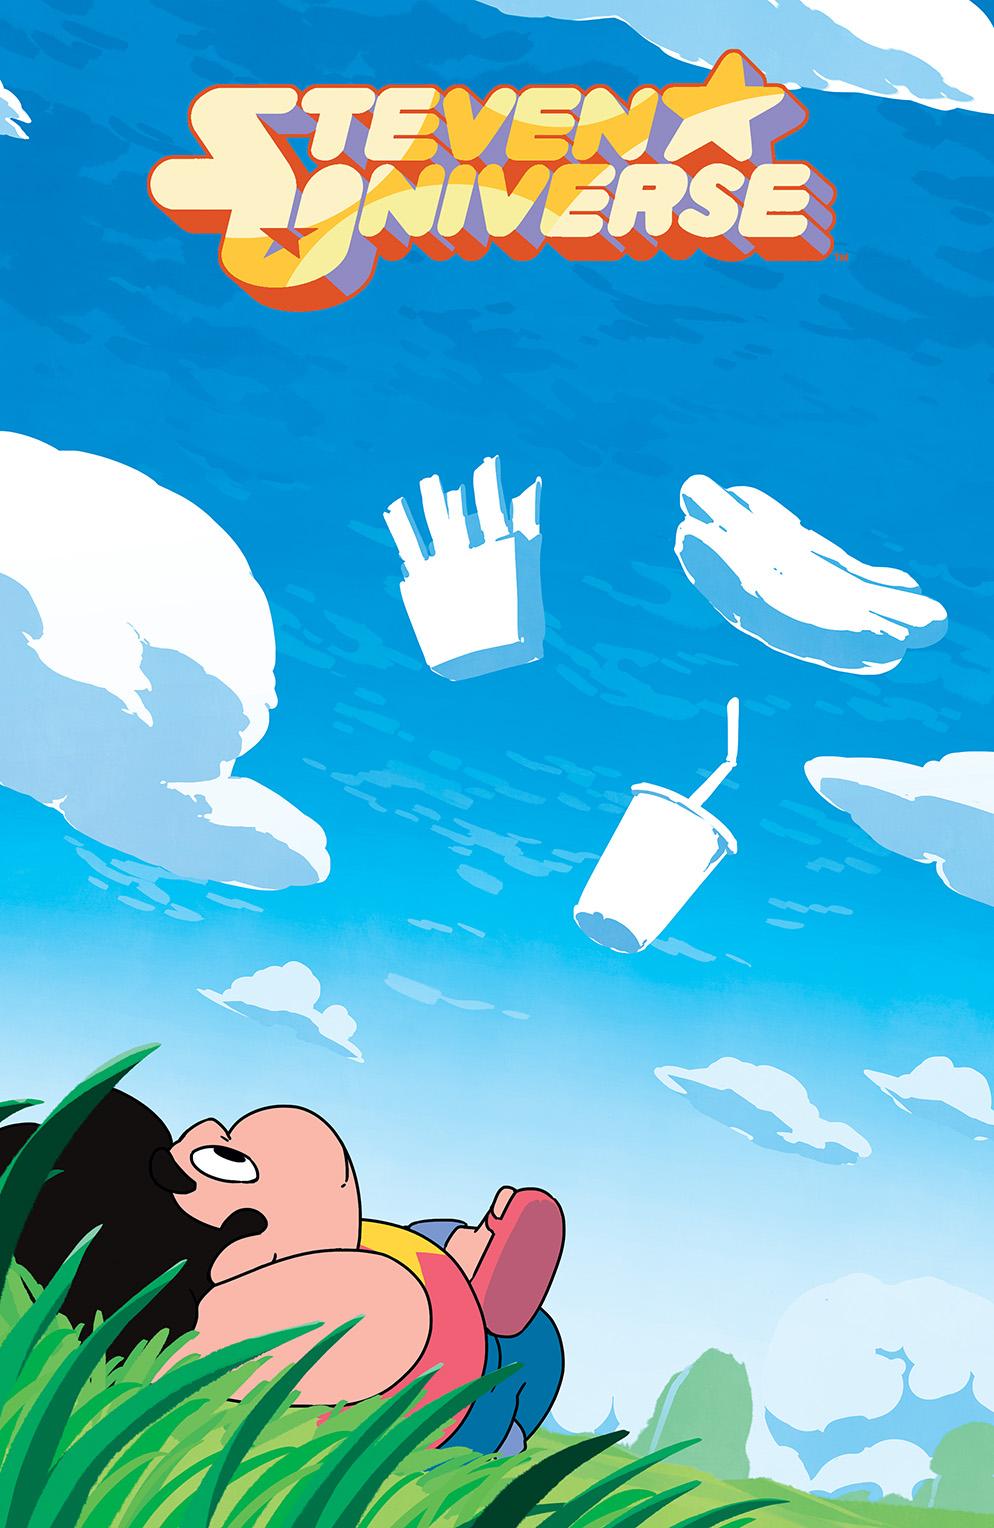 Steven Universe #4 Cover A